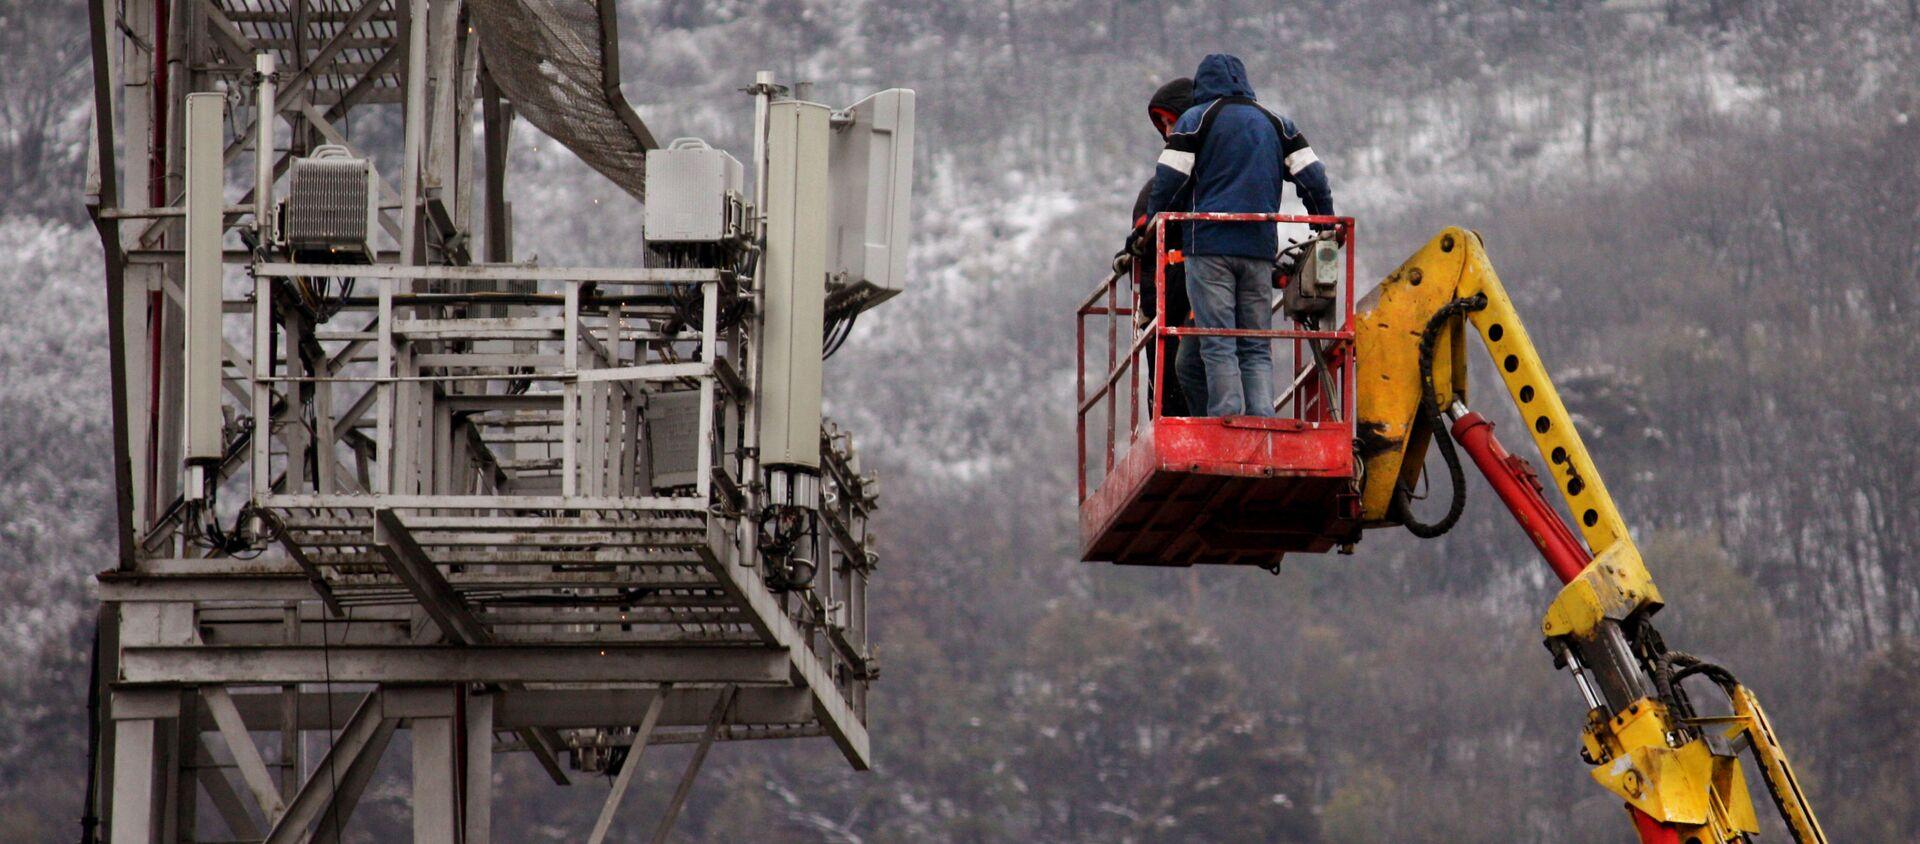 Работа во время пандемии - ремонтные работы на большой высоте - Sputnik Грузия, 1920, 21.02.2021